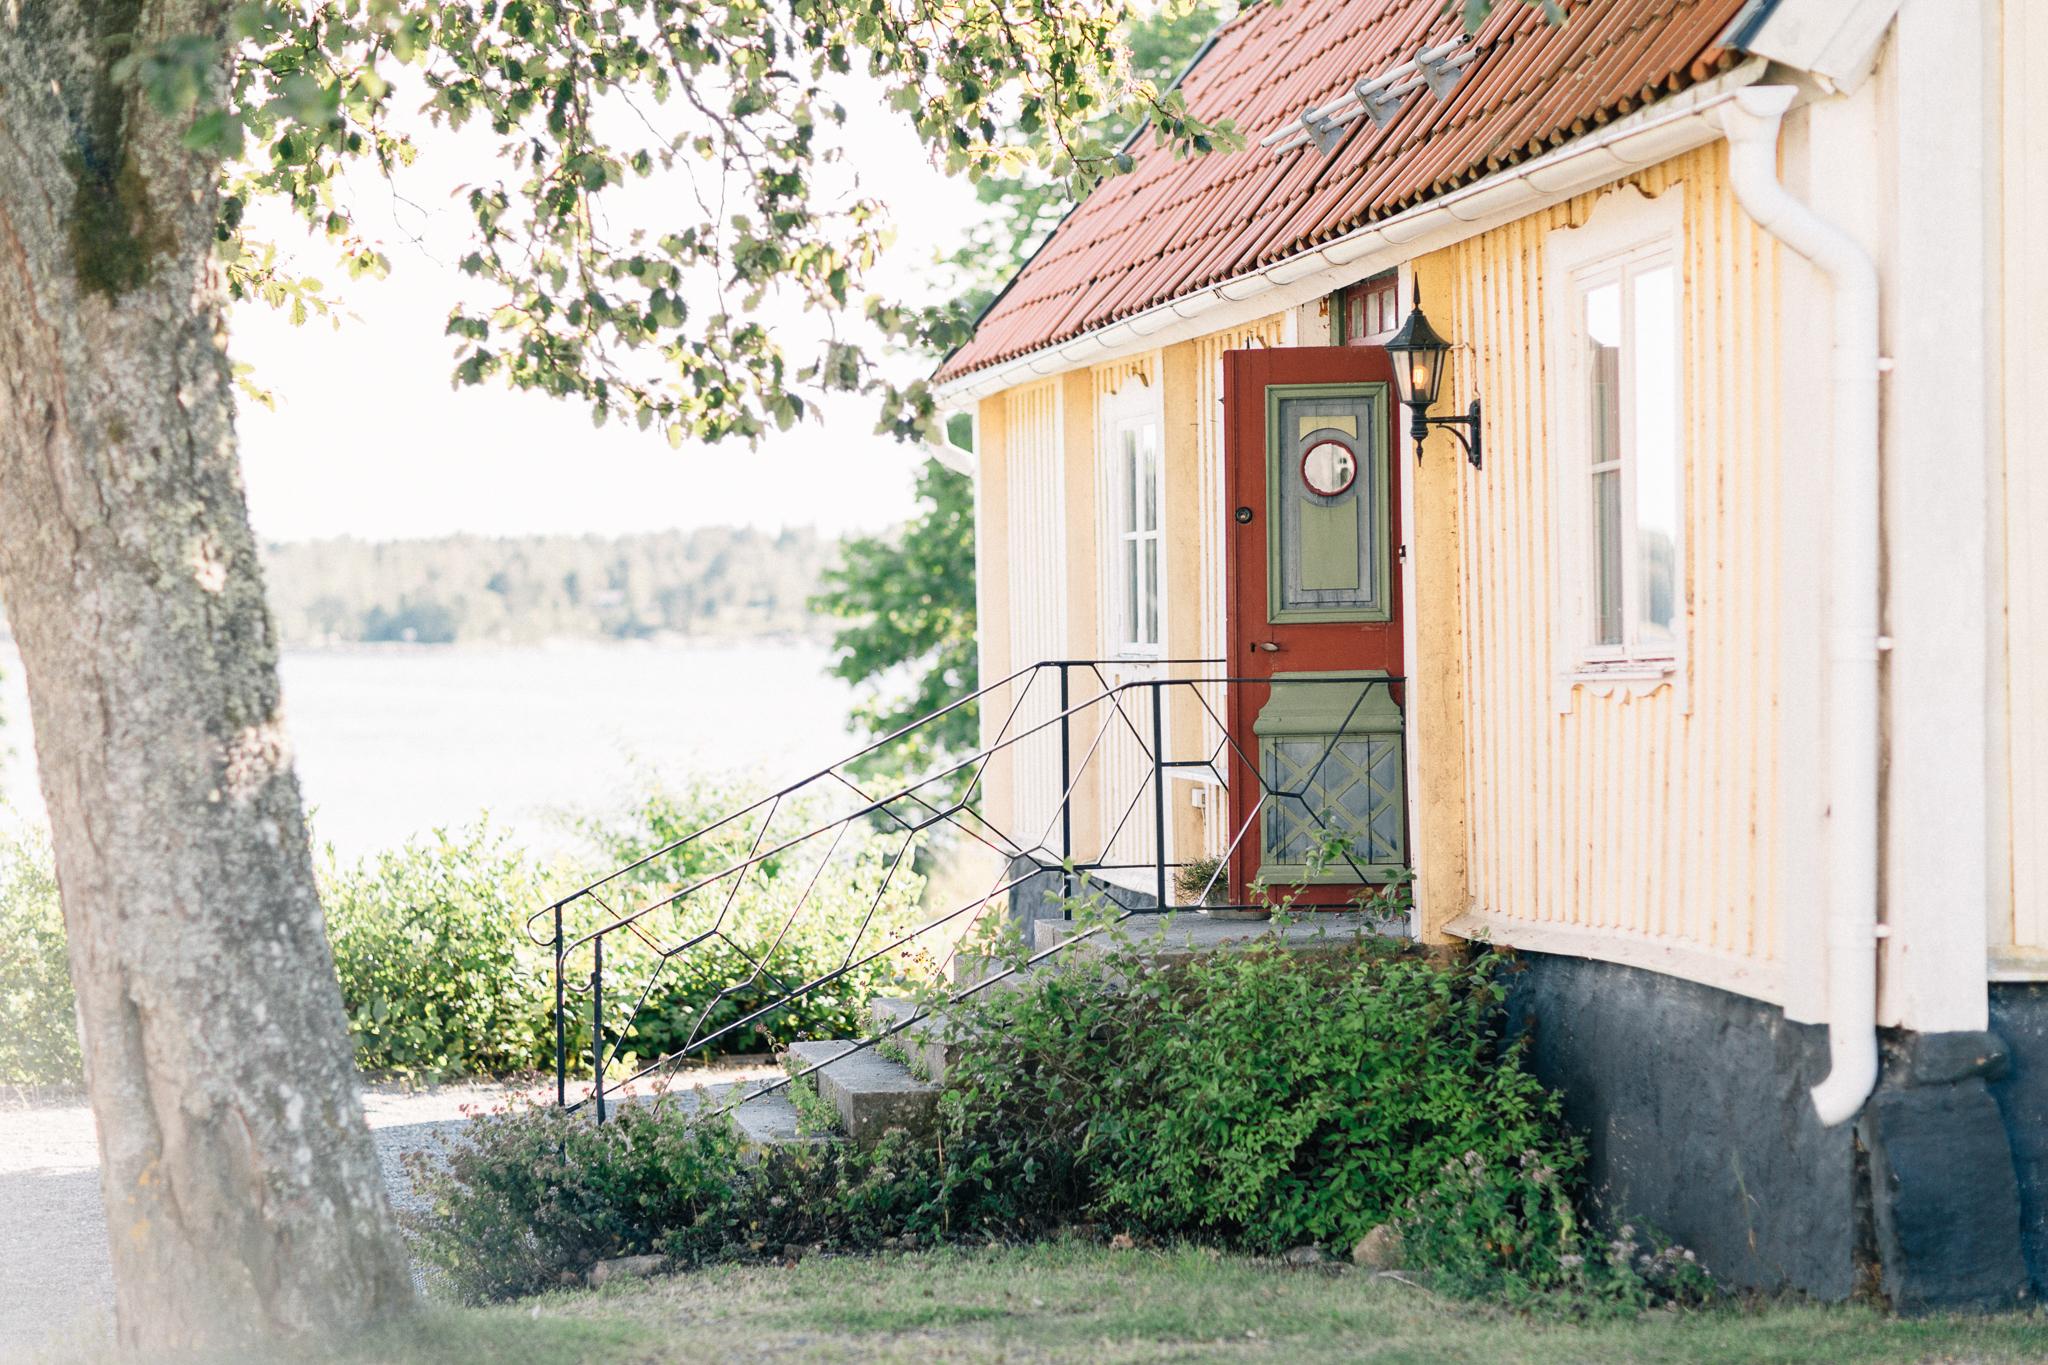 Västra Flygeln pensionat.jpg